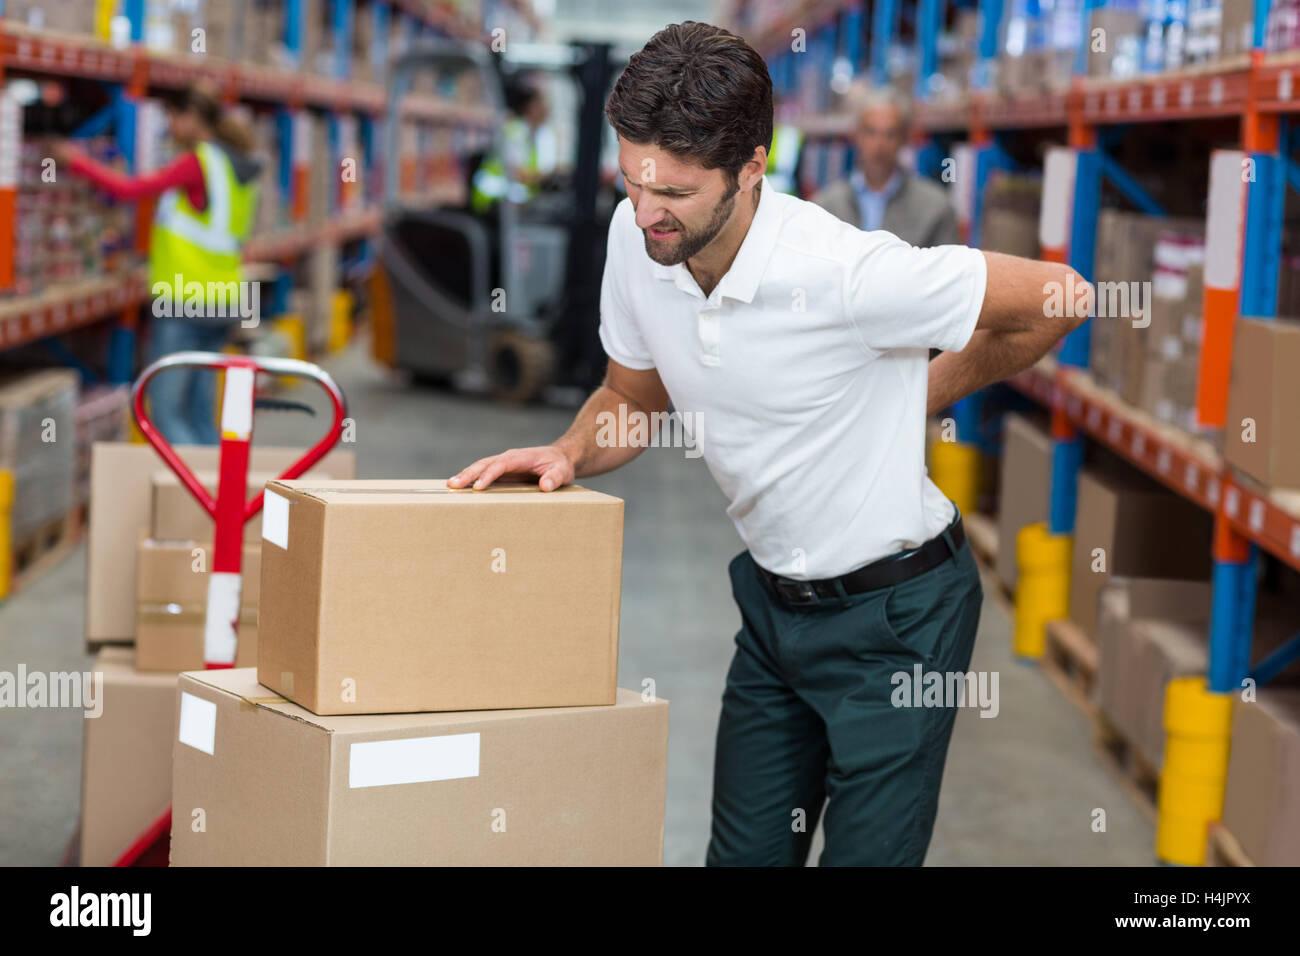 Männliche Arbeitnehmer leiden unter Rückenschmerzen während der Arbeit Stockbild